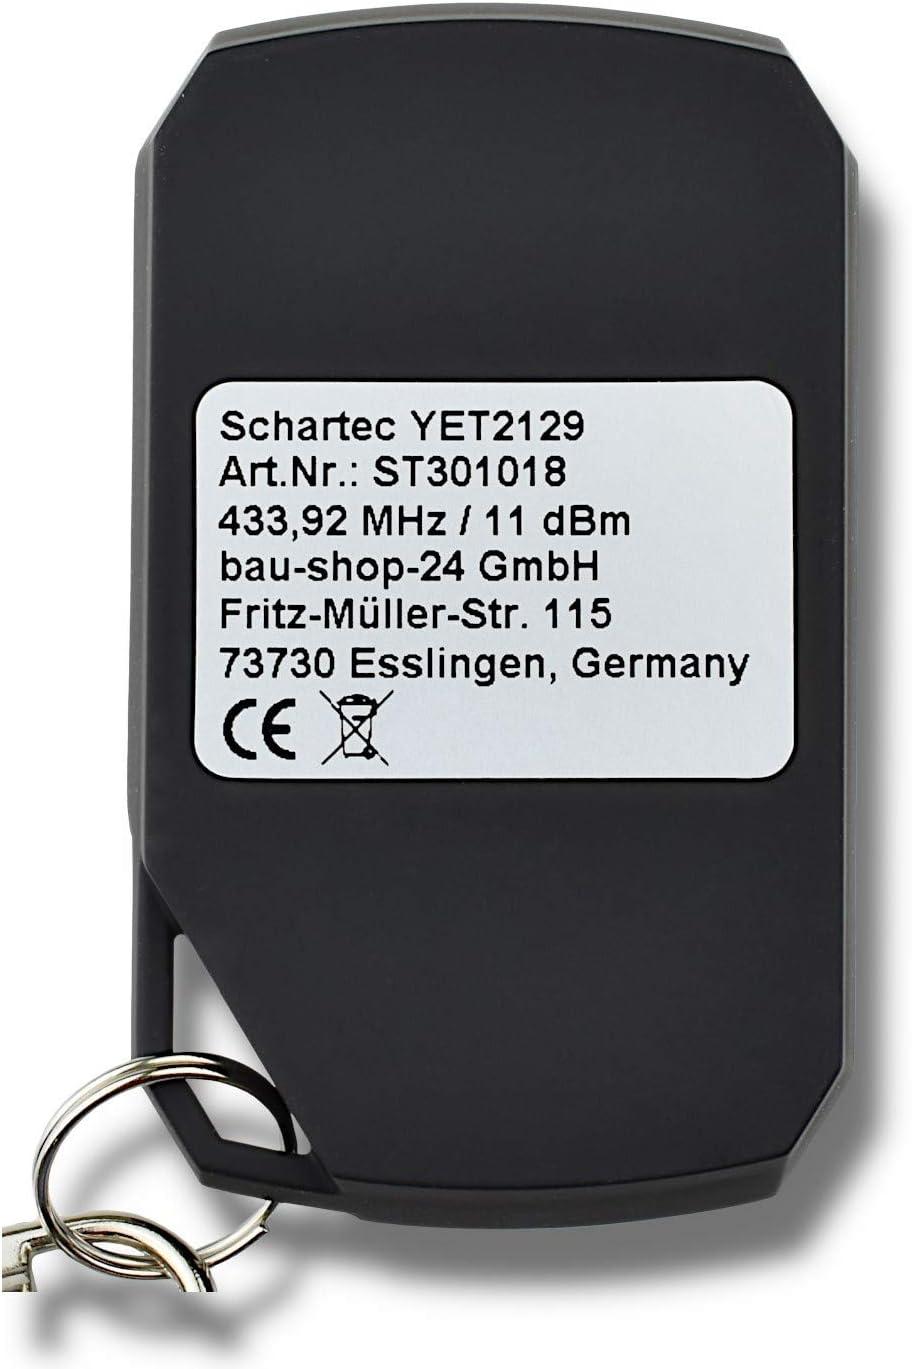 Schartec Handsender 433,92 MHz f/ür Universal Funkempf/änger YET402PC-S17 Funk Fernbedienung Rolling-Code